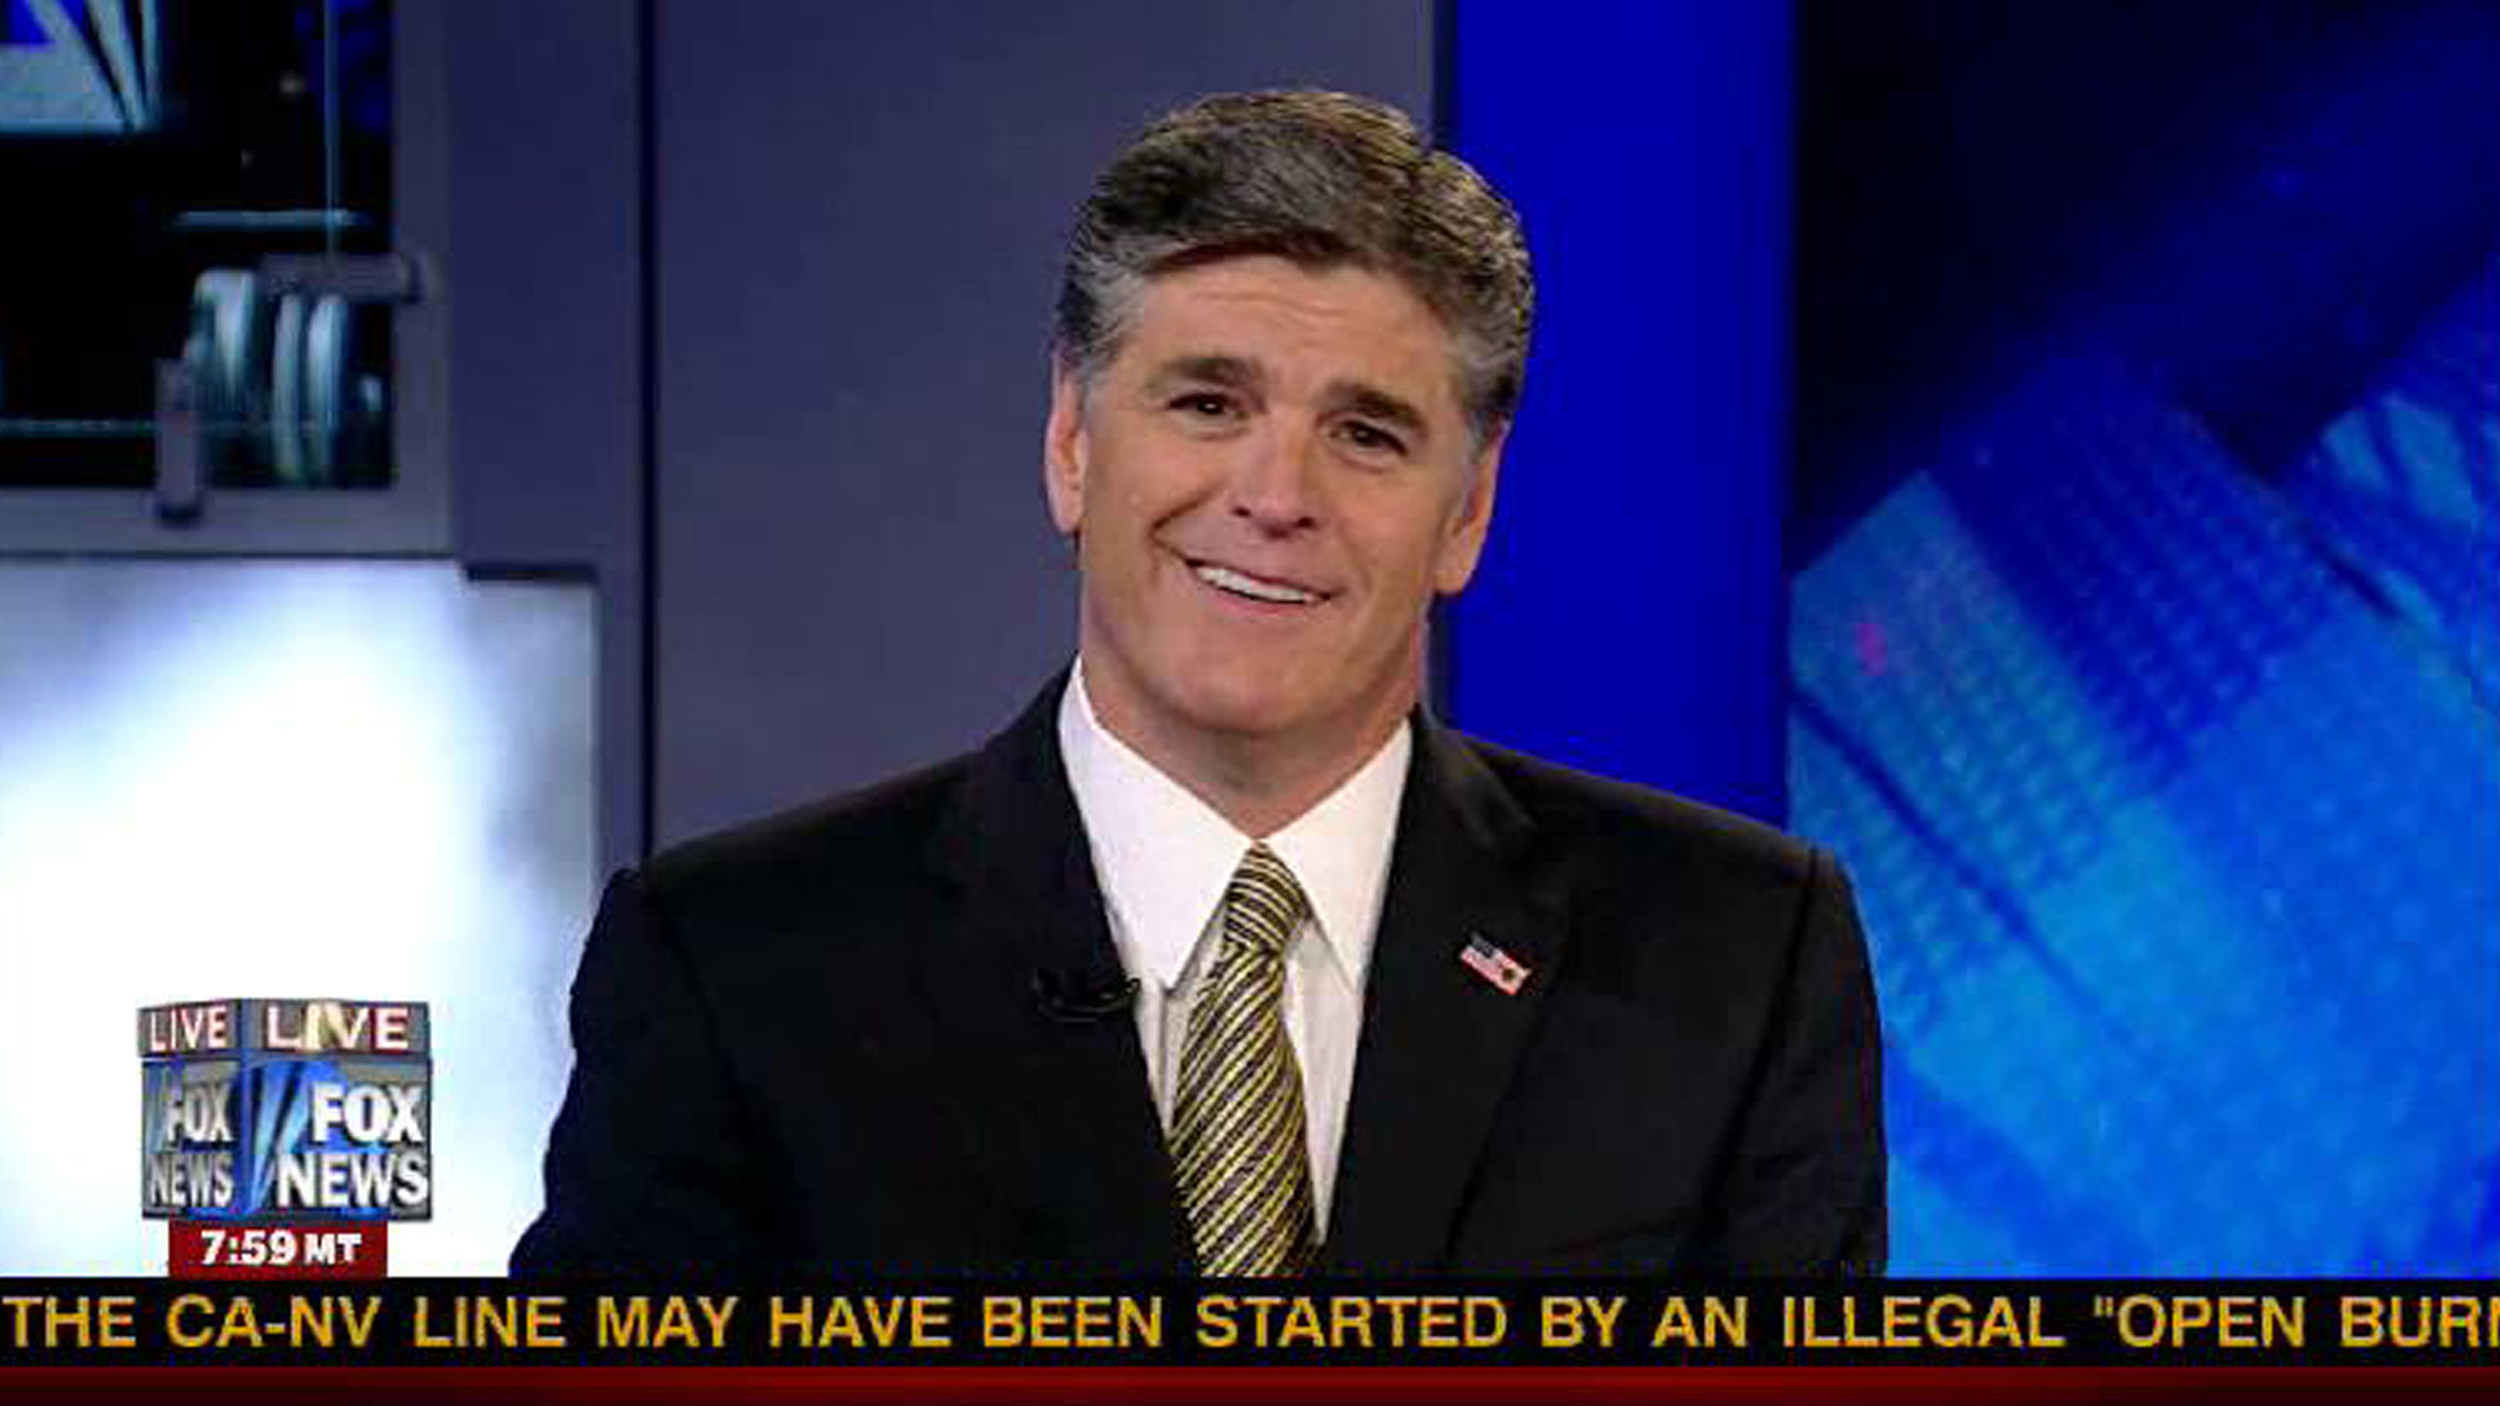 Sean Hannity is Huge Caulk Enthusiast